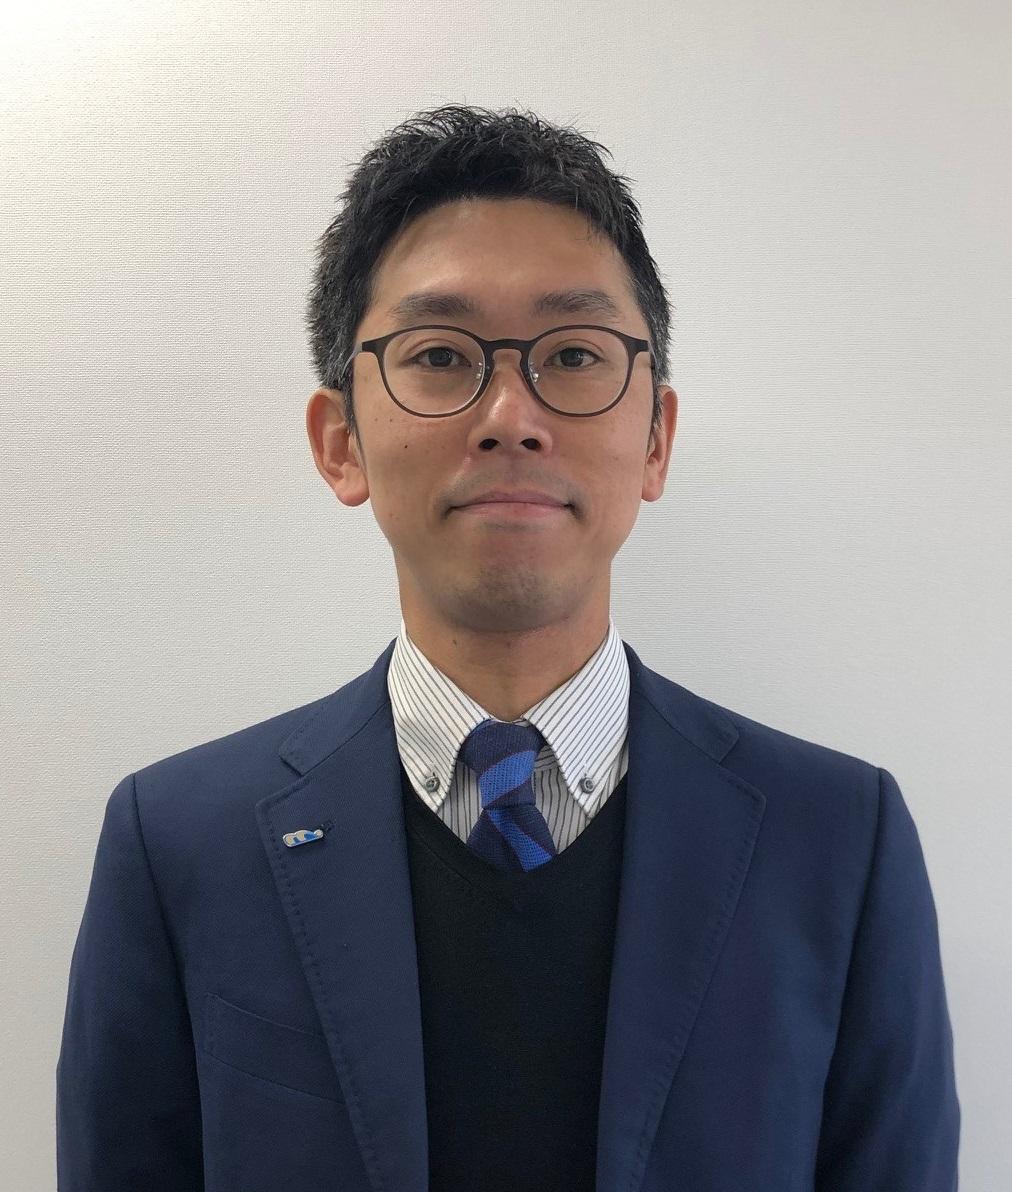 田村 智宏